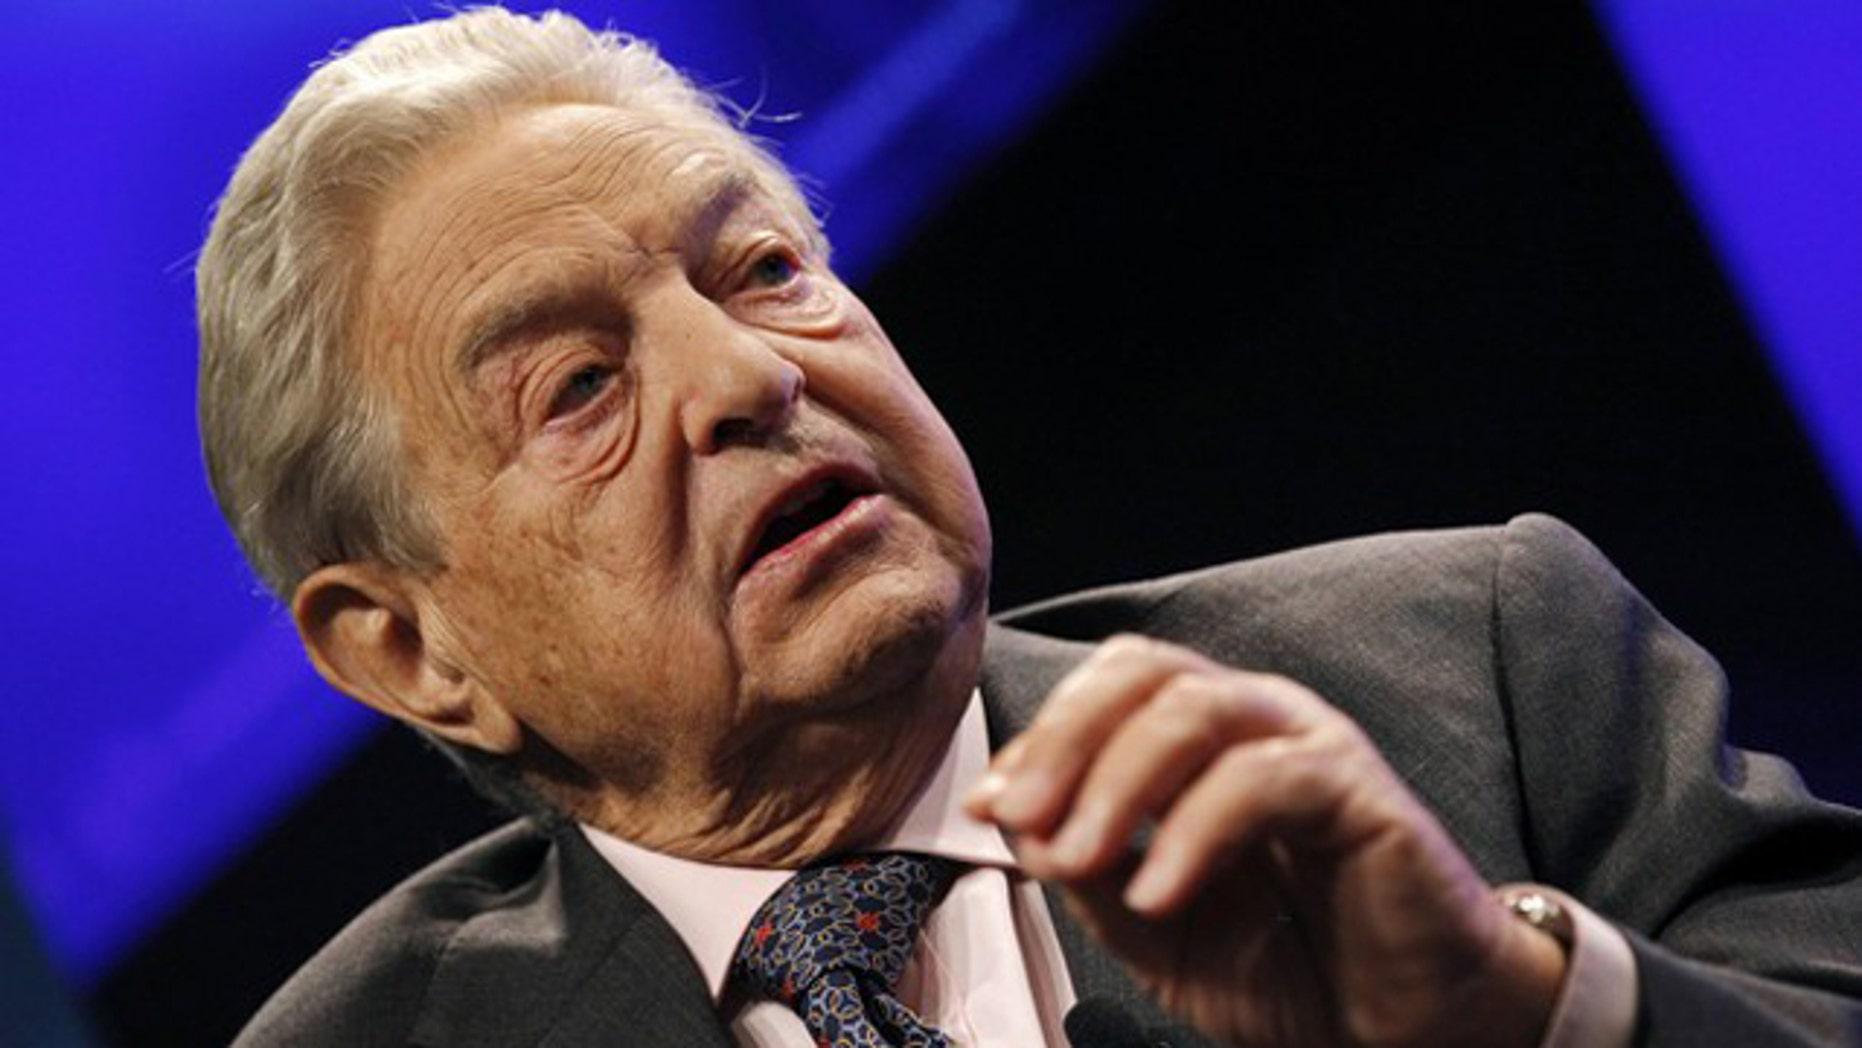 FILE: Billionaire financier George Soros speaks at a Reuters Newsmaker event in New York on Sept. 15, 2010.